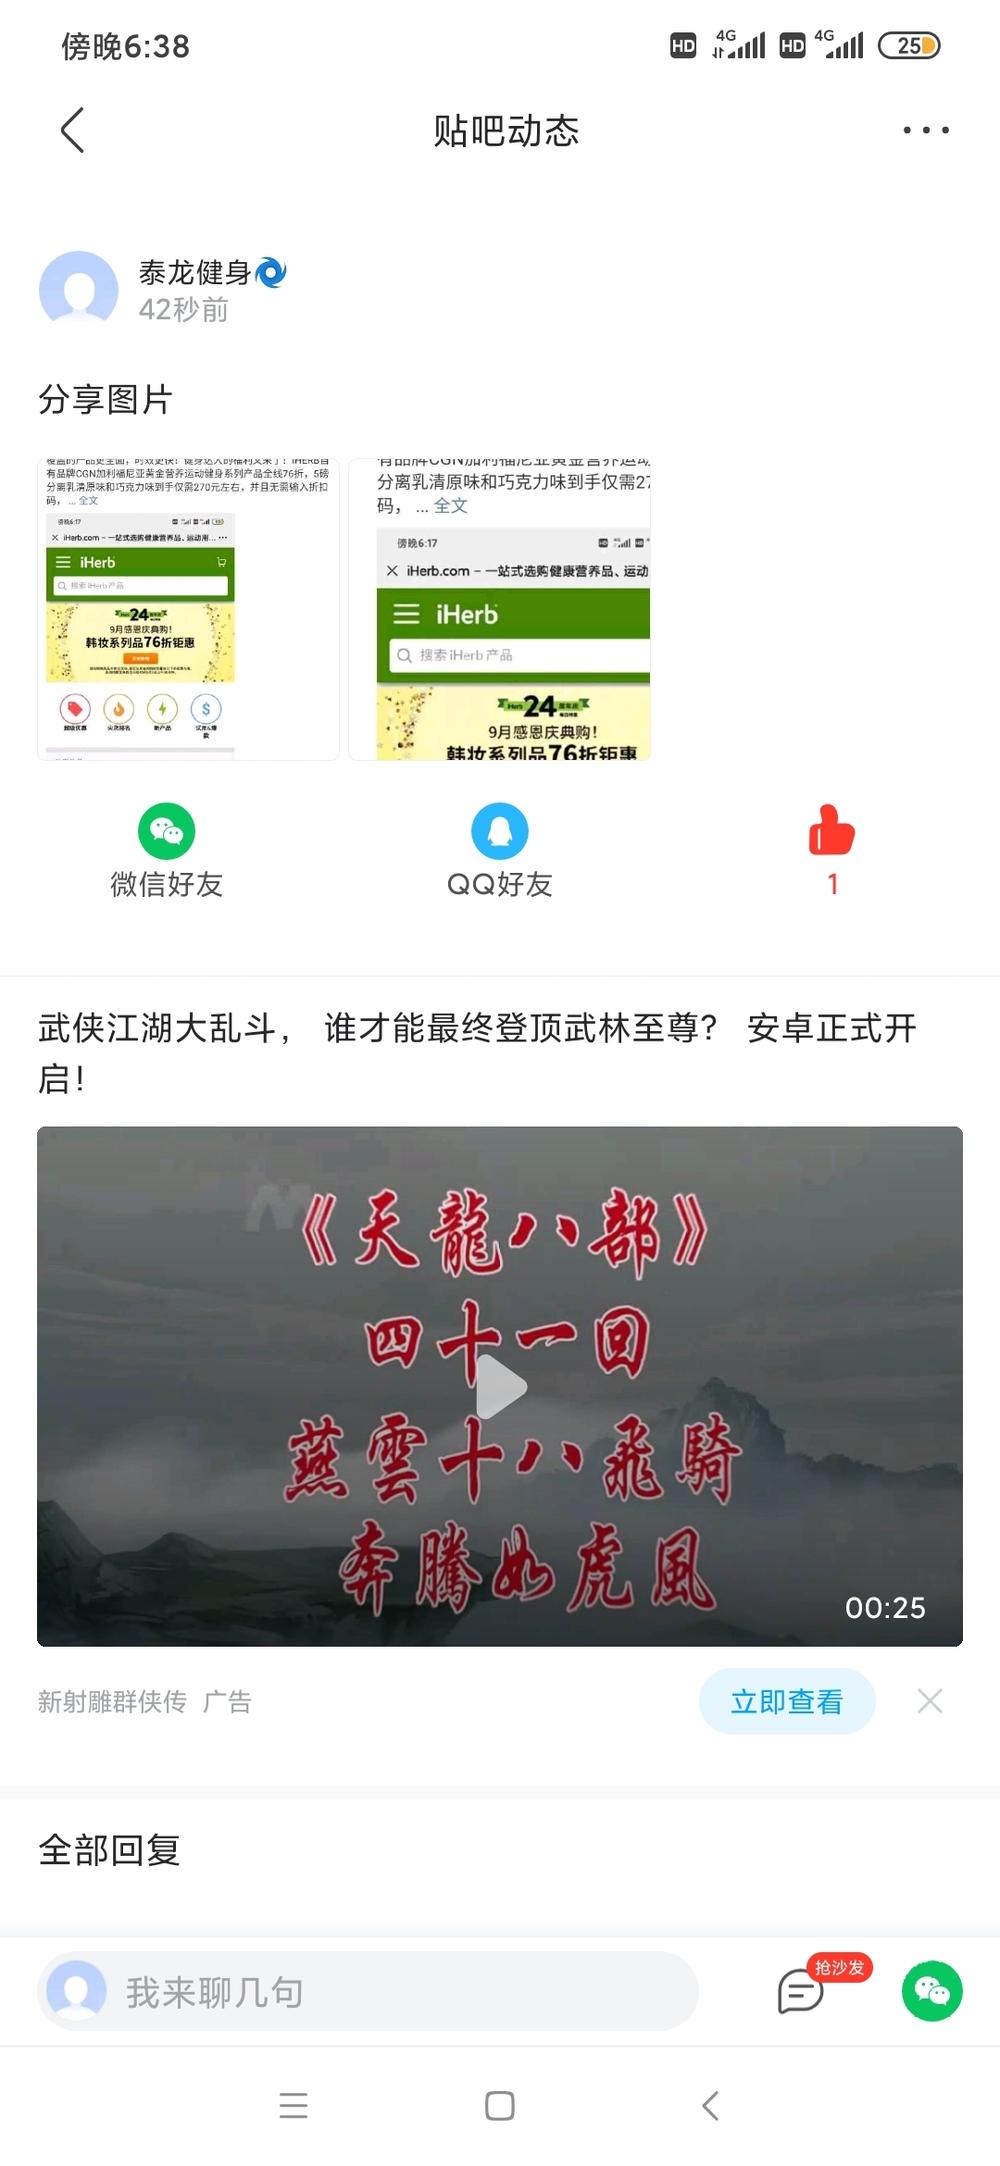 Screenshot_2020-09-03-18-38-04-928_com.baidu.tieba.jpg